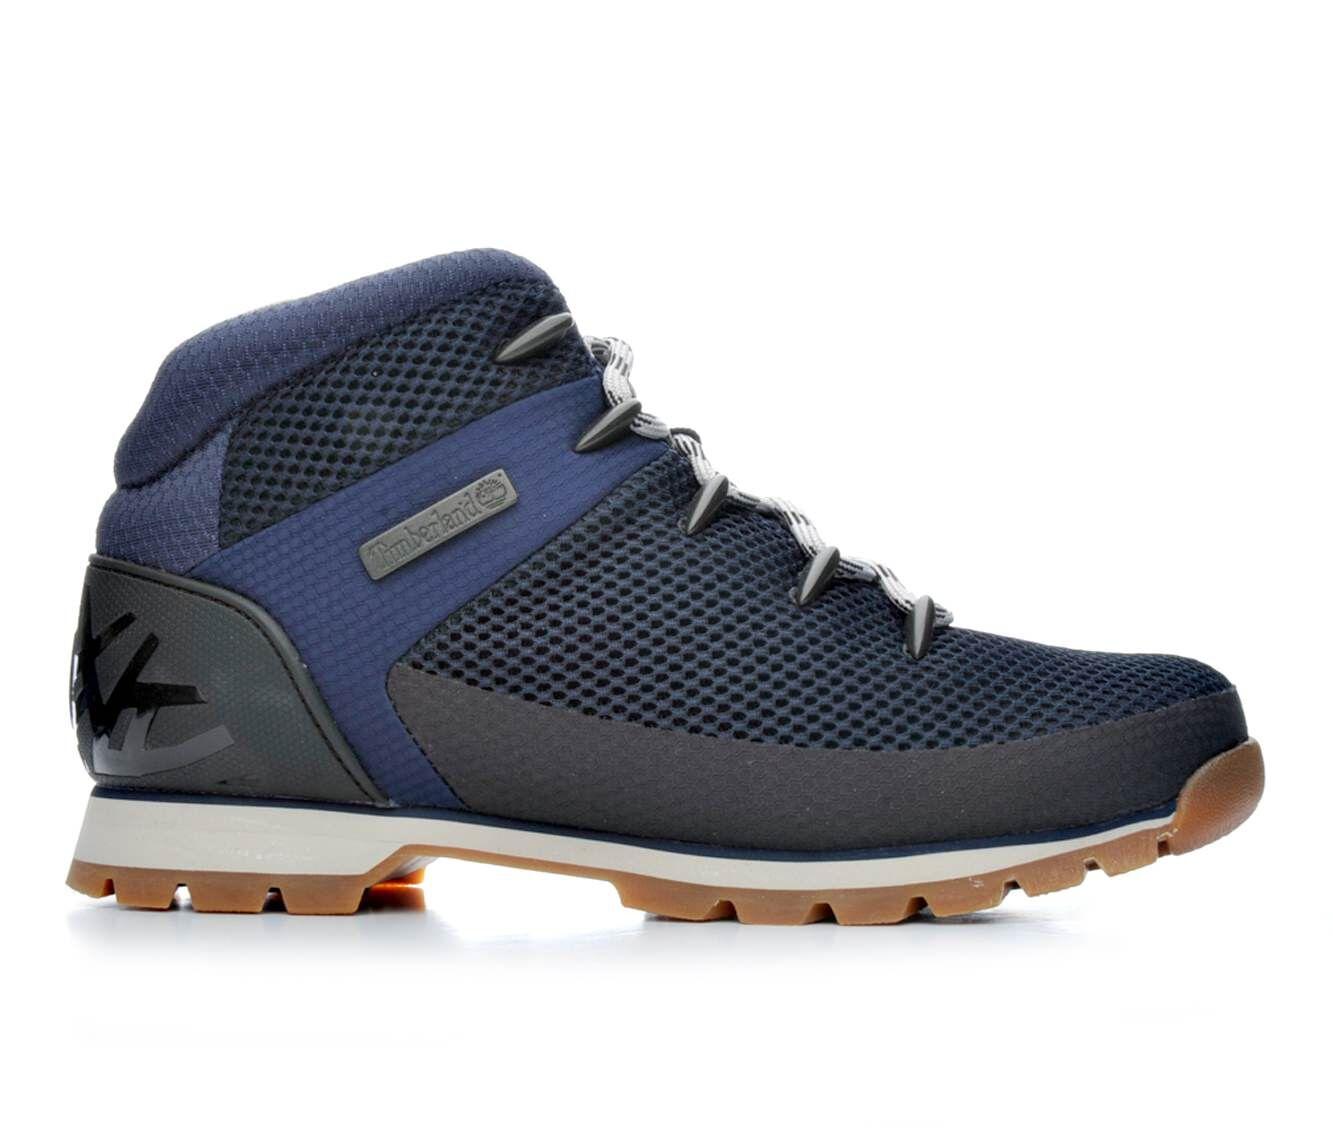 Men's Timberland Euro Sprint Hiker Boots Navy Mesh